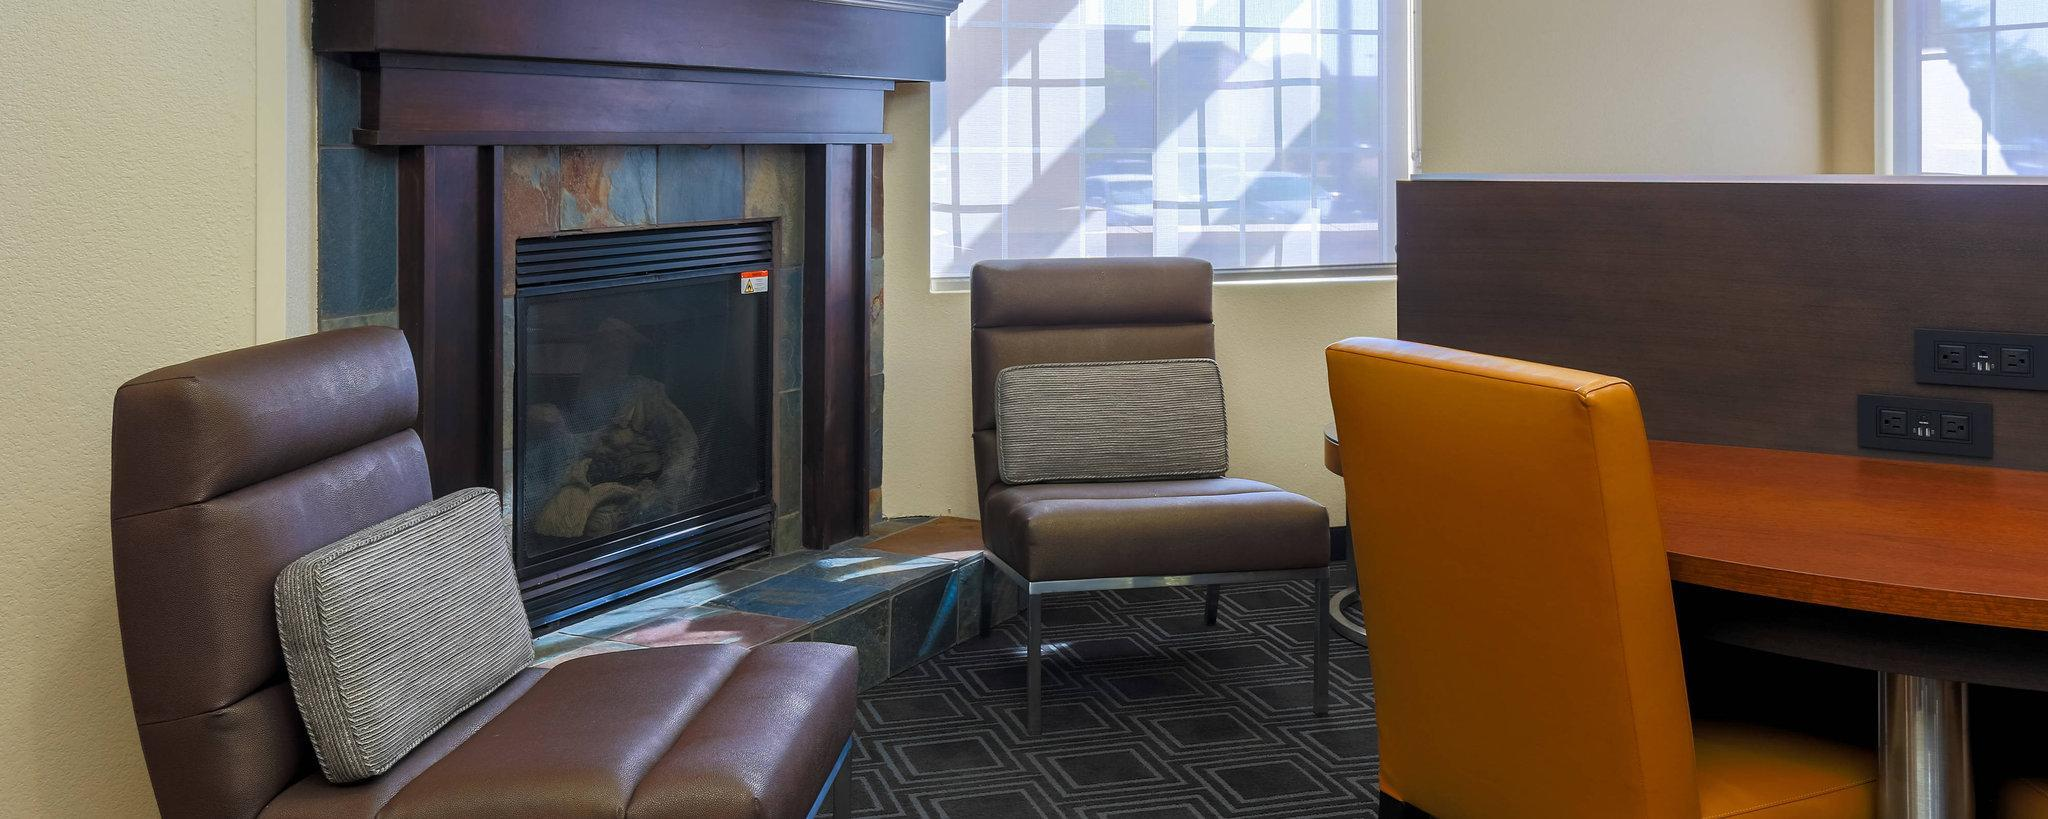 TownePlace Suites El Centro, Imperial